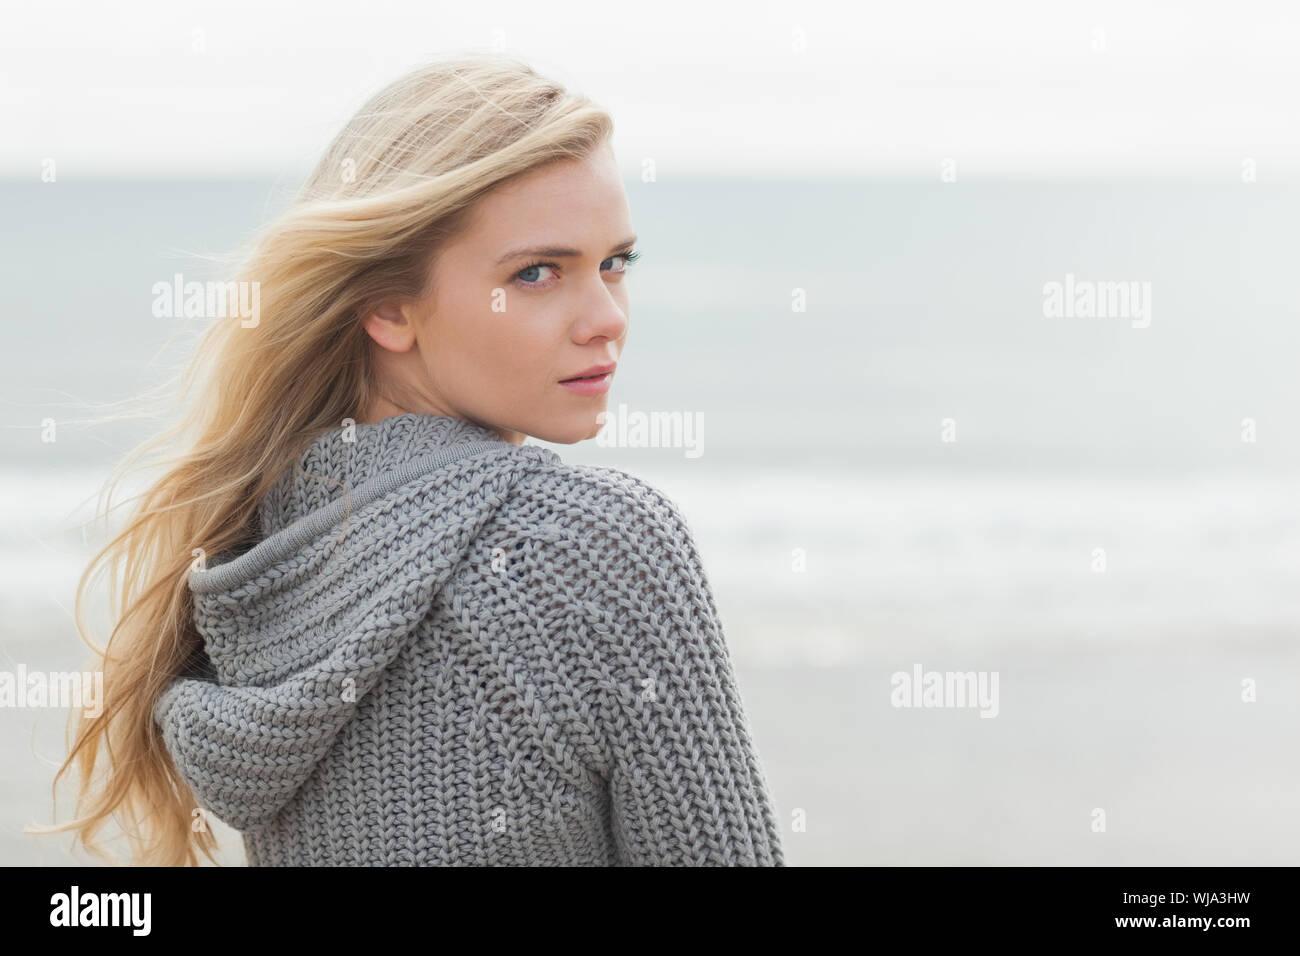 Giovane donna in una giacca calda e lavorato a maglia con